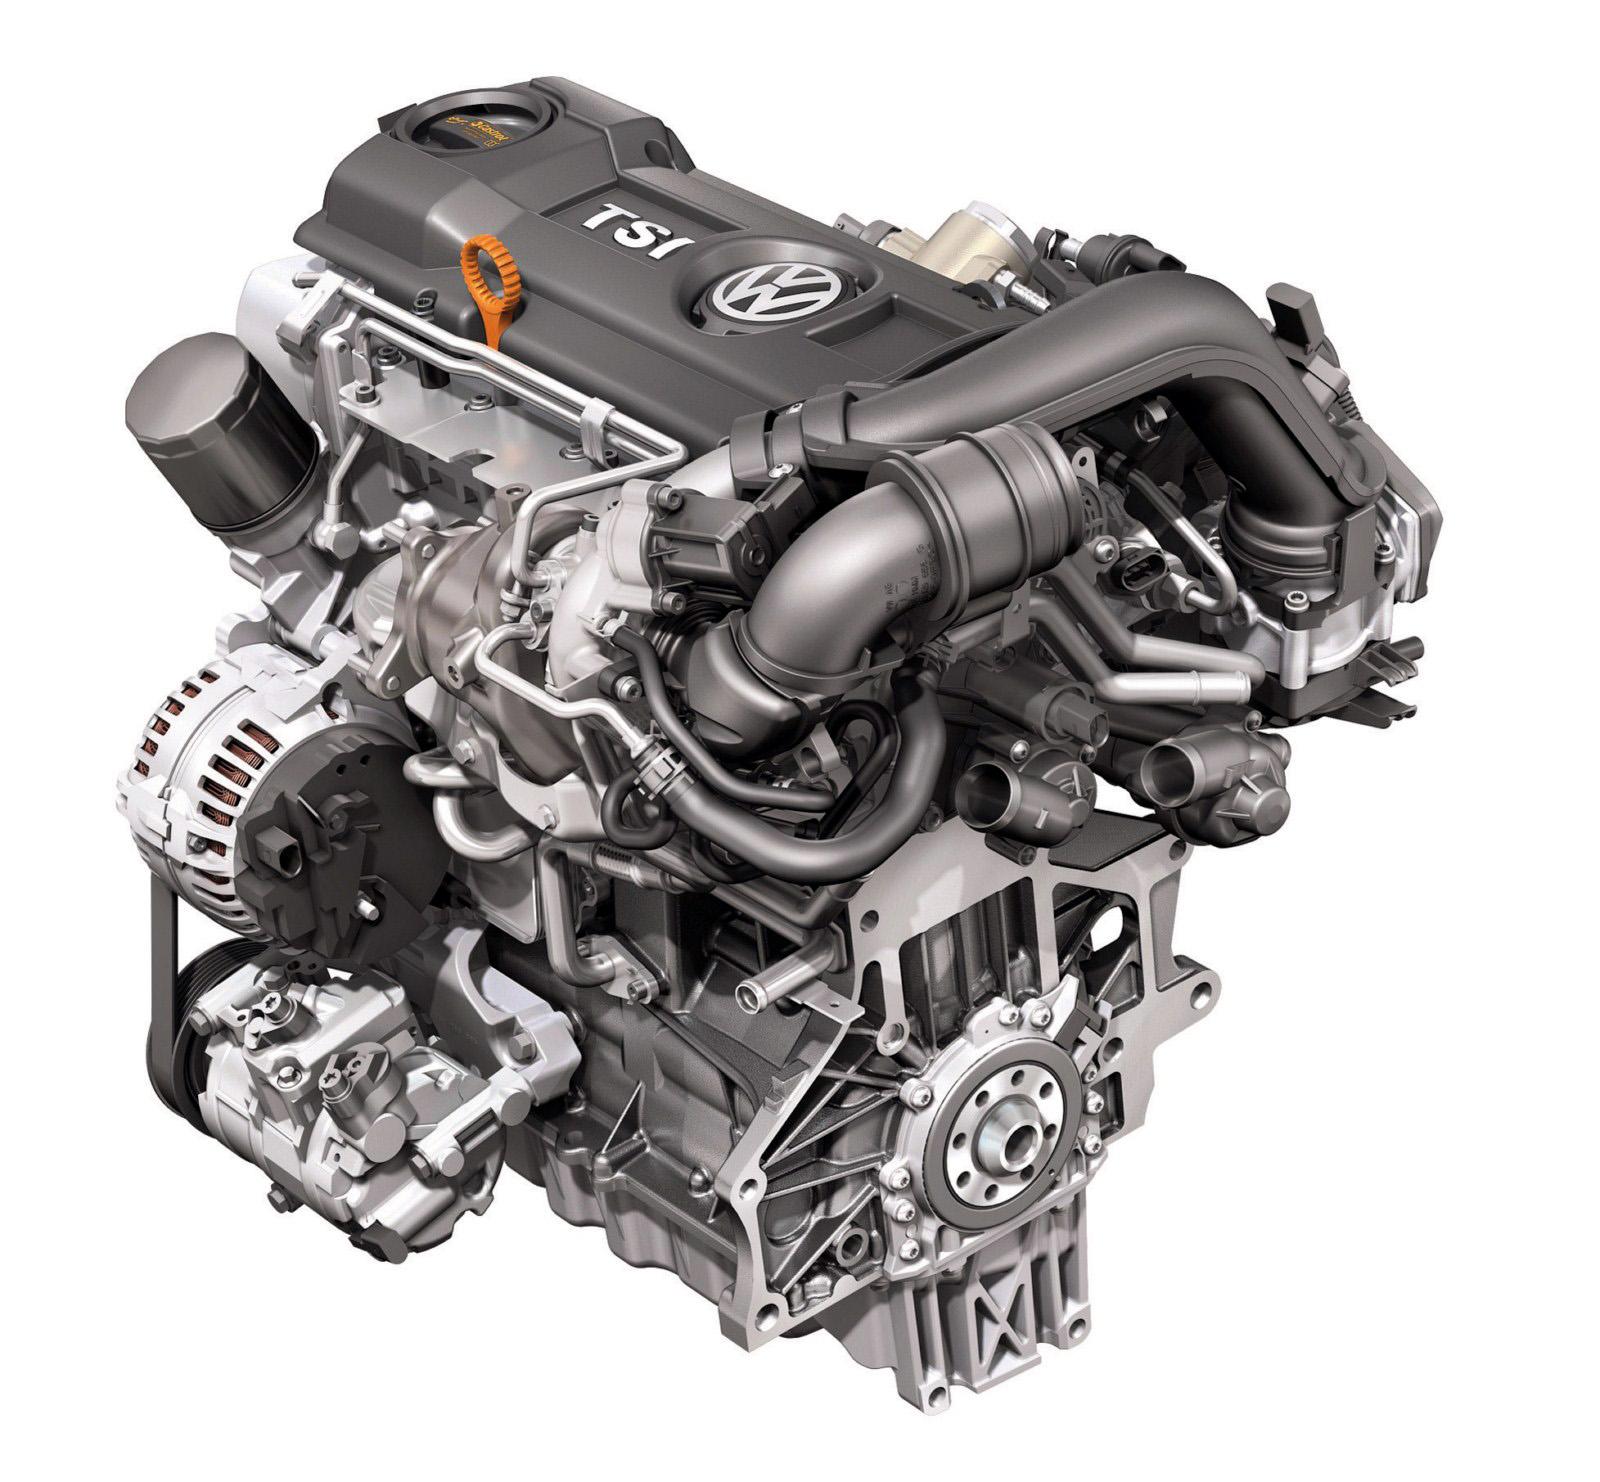 Двигатель tsi: что это такое, особенности работы и основные неисправности, а также расшифровка и ресурс, плюсы и минусы мотора от фольксваген